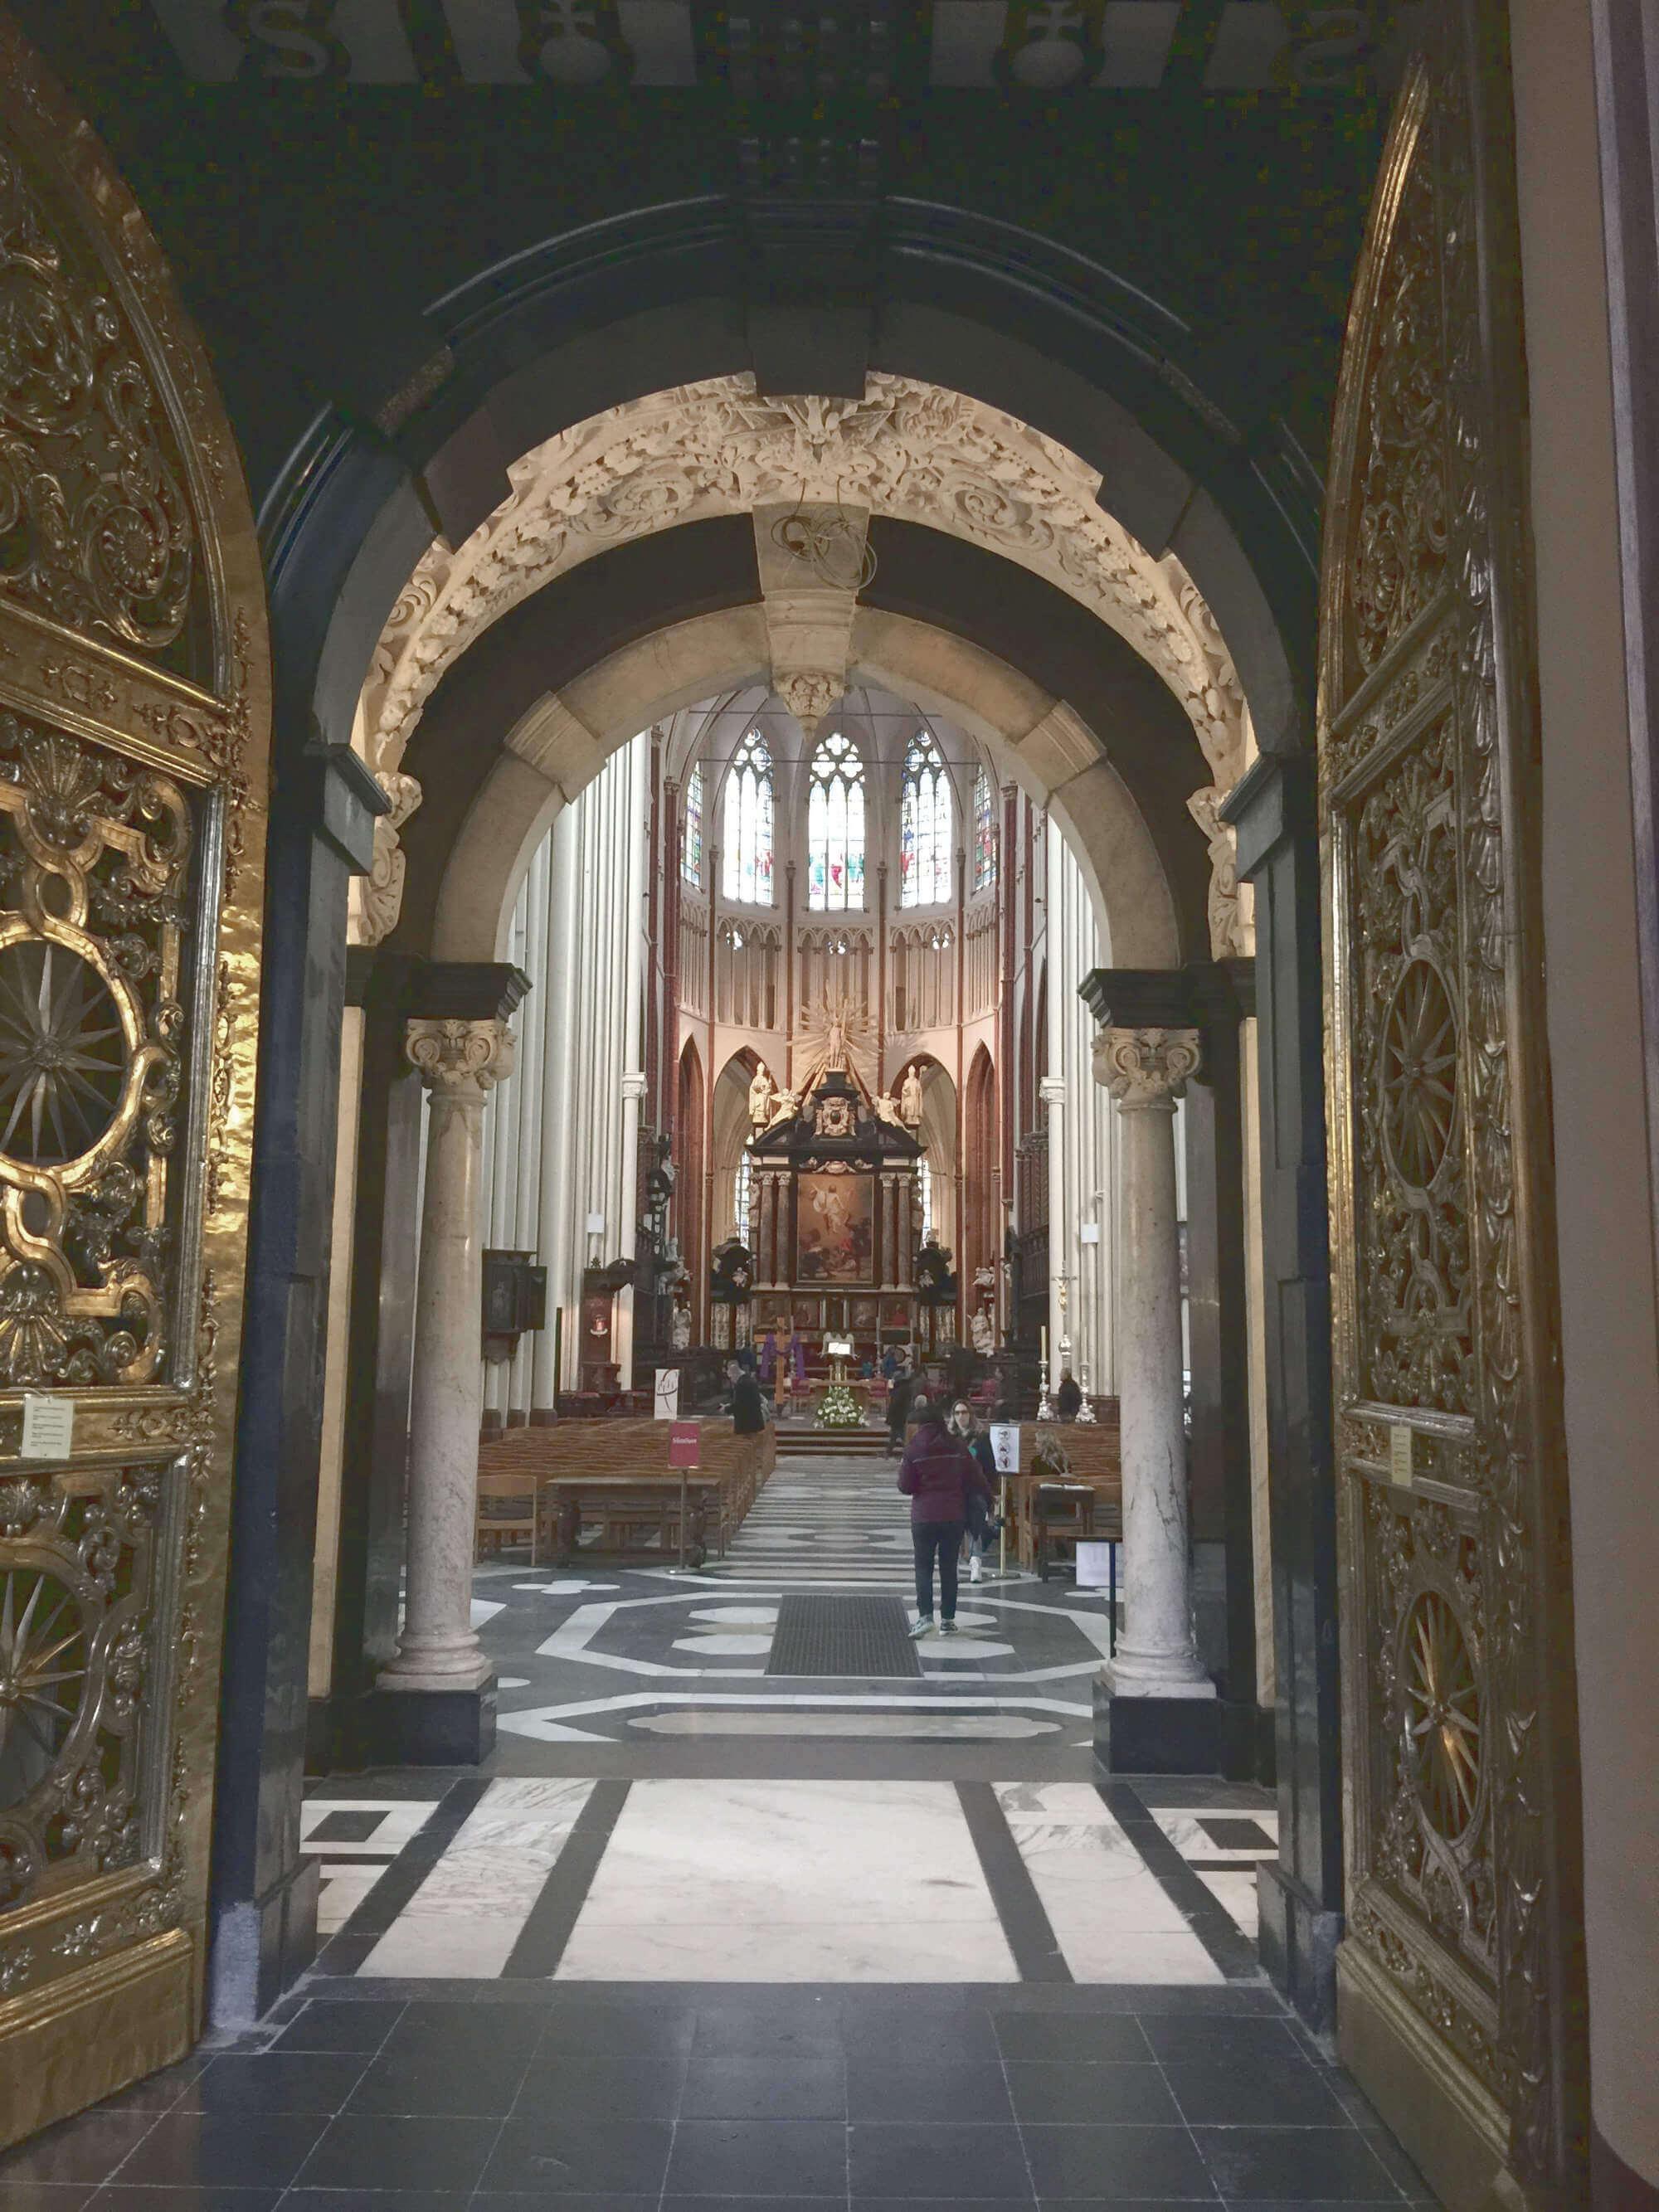 Sint-Salvatorskathedraal von innen: Goldenes Tor als Eingang